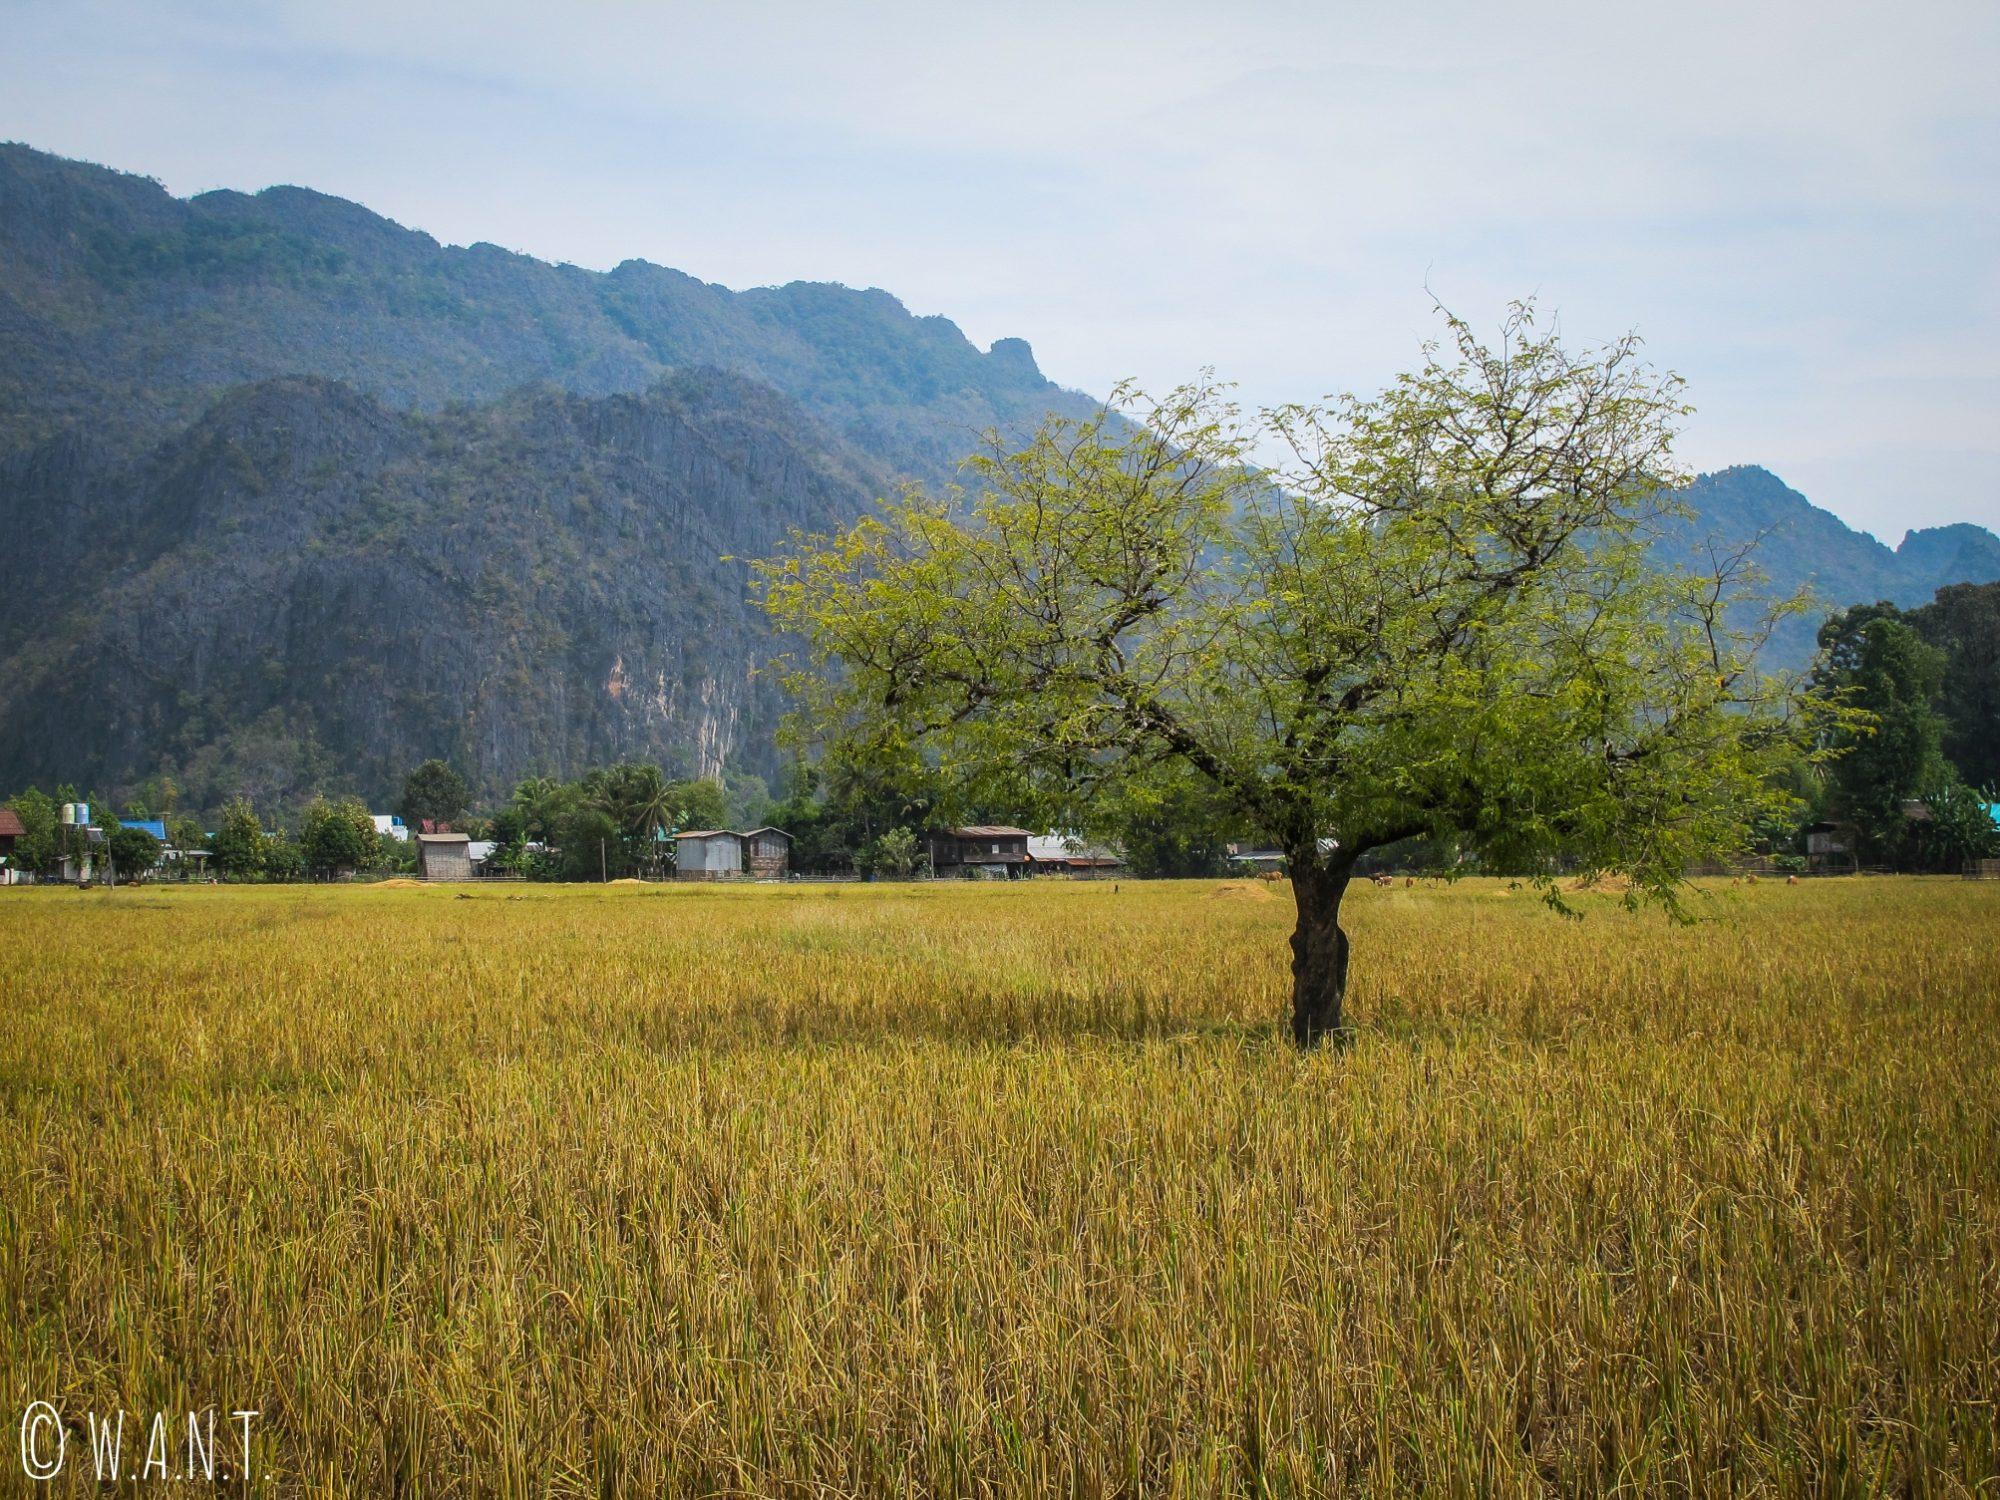 Arbre au milieu des rizières du village de Konglor